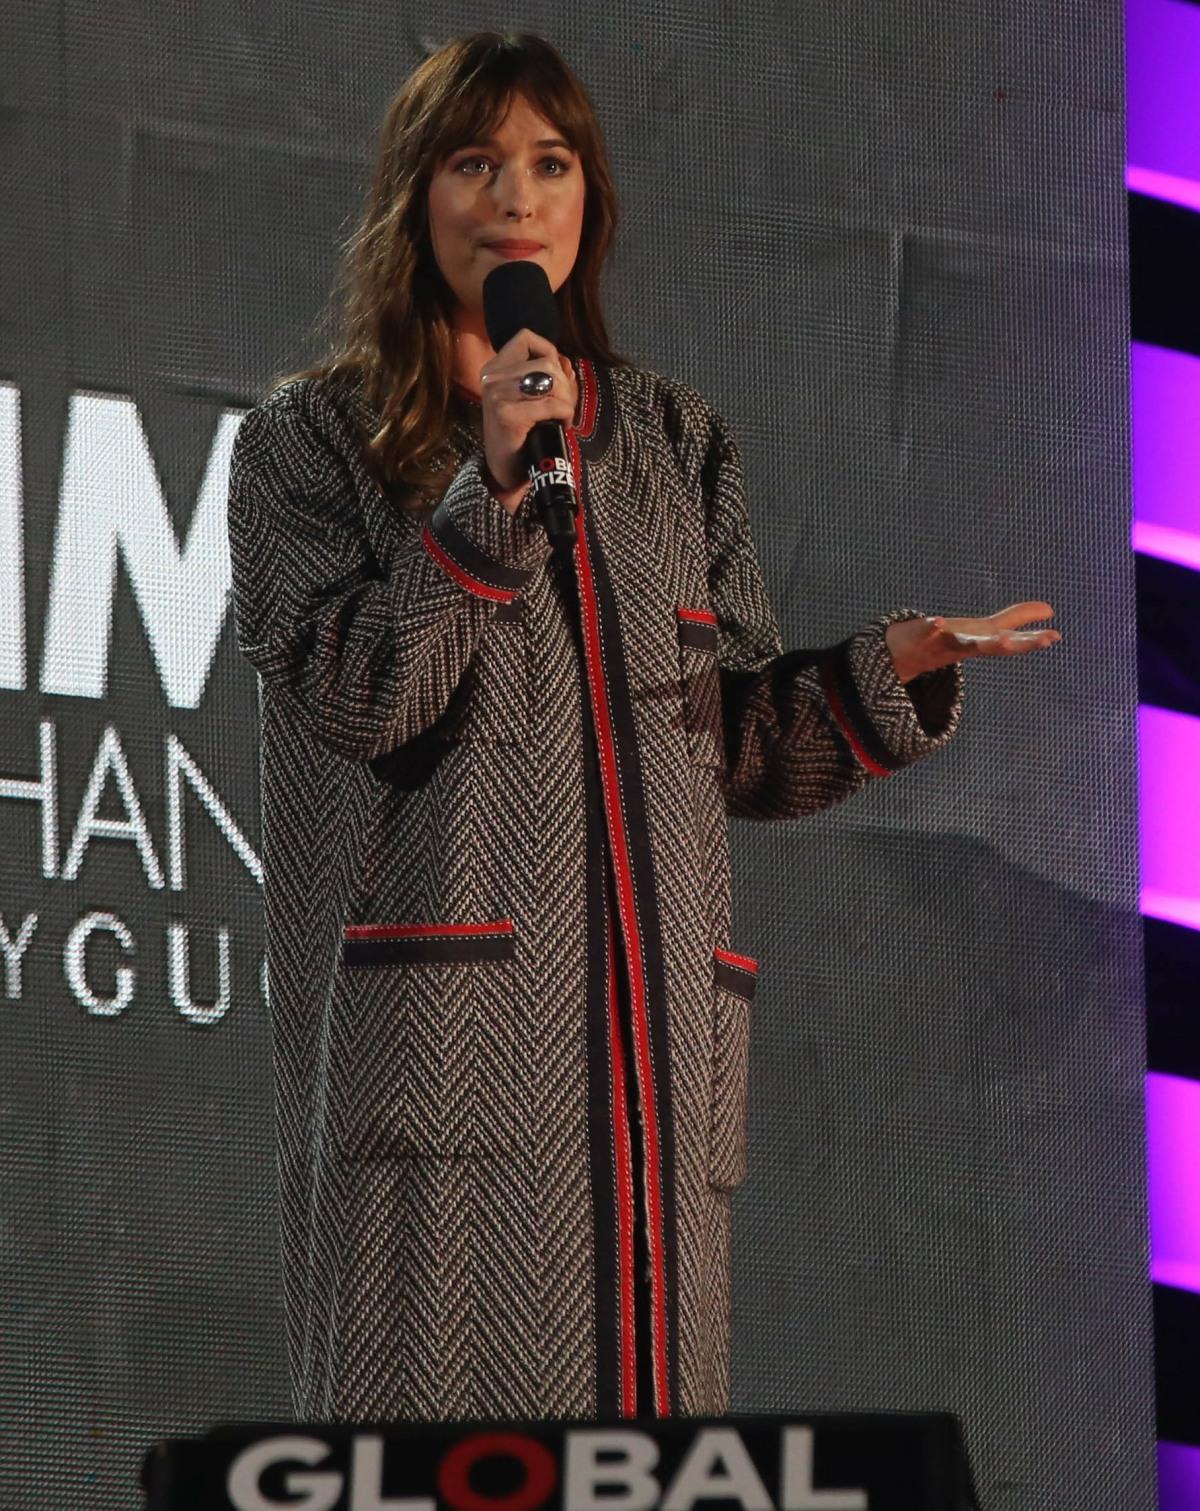 2018 Global Citizen Festival - Performances